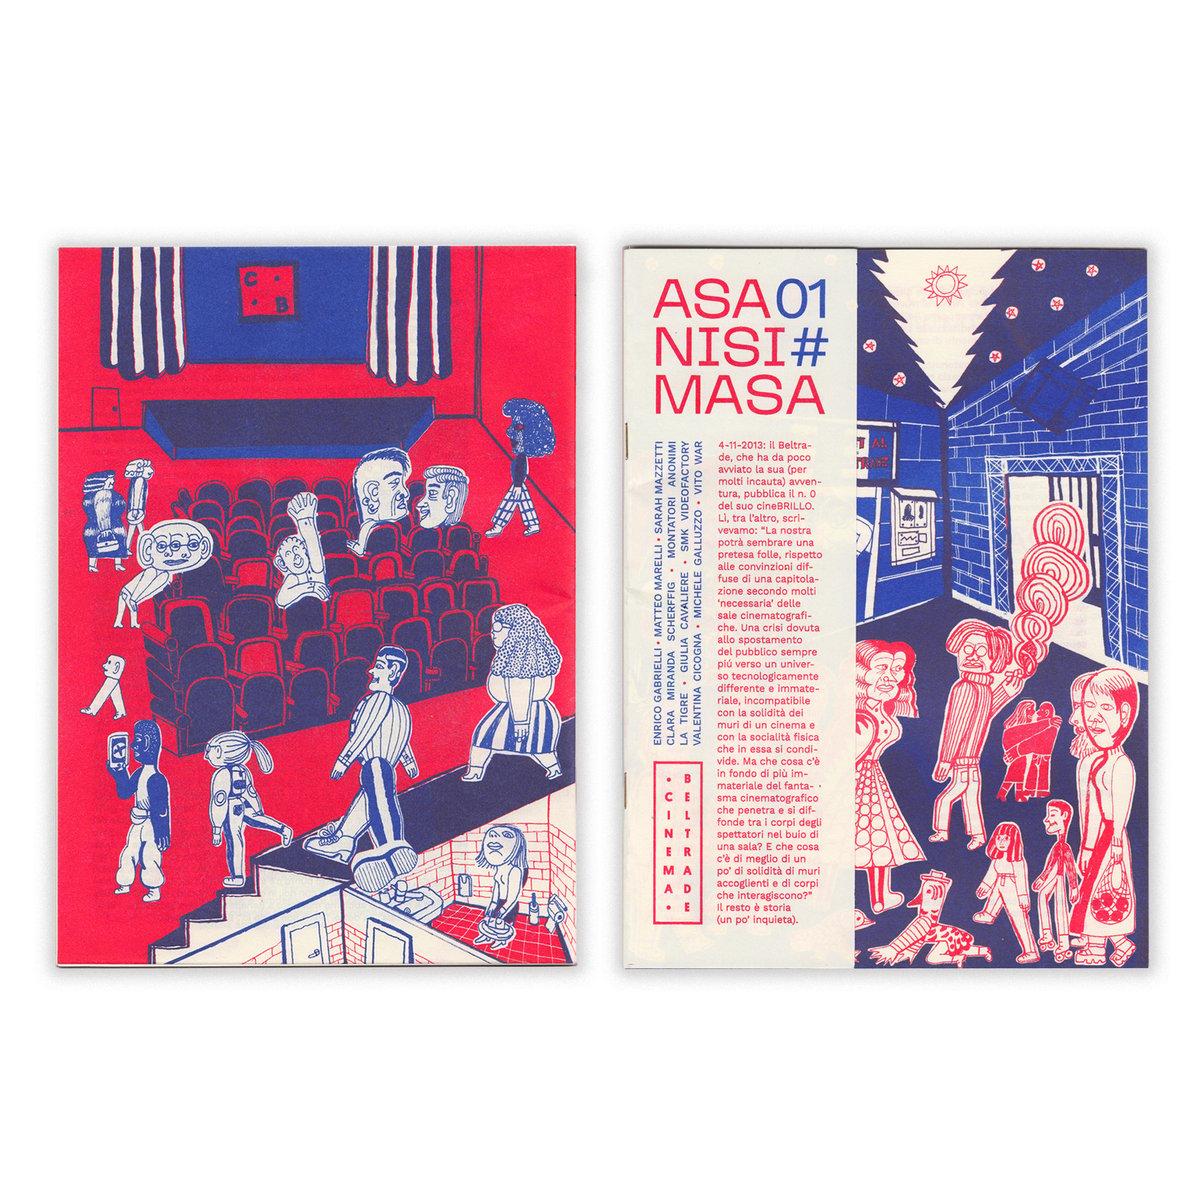 Image of ASA NISI MASA